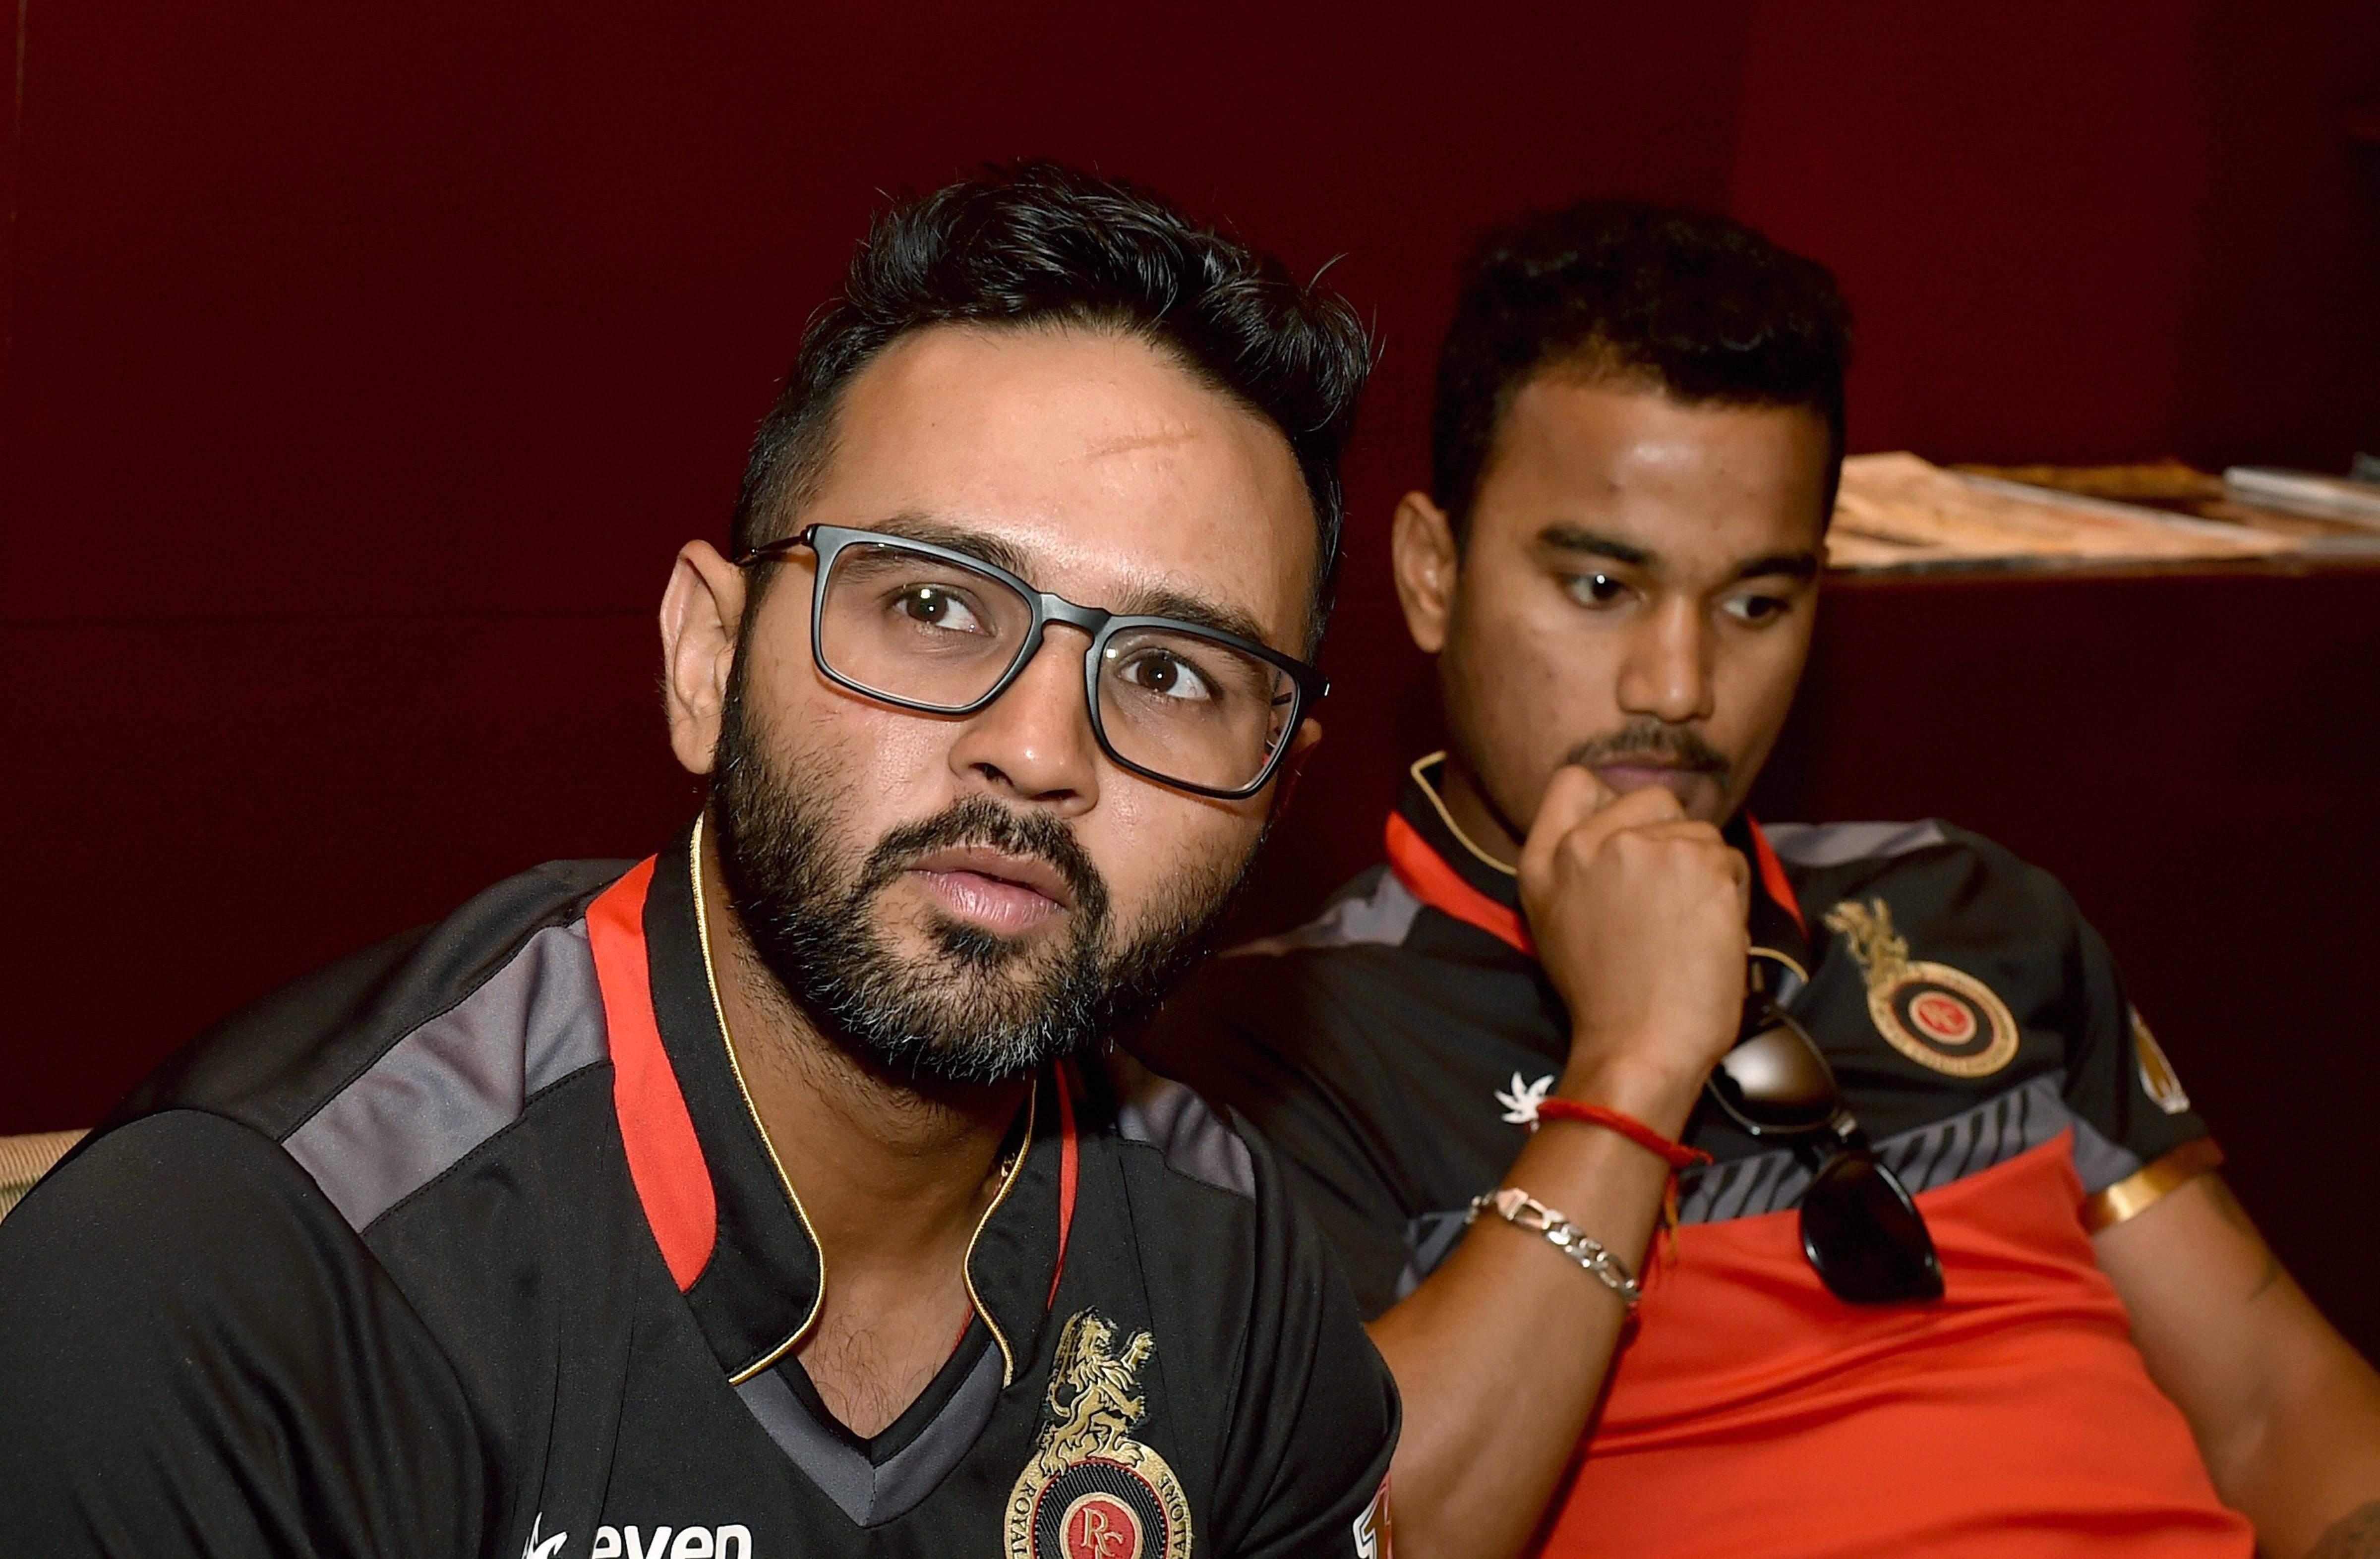 वार्नर और स्मिथ के न होने से आईपीएल के रोमांच में फर्क नहीं पड़ेगा: पार्थिव 17